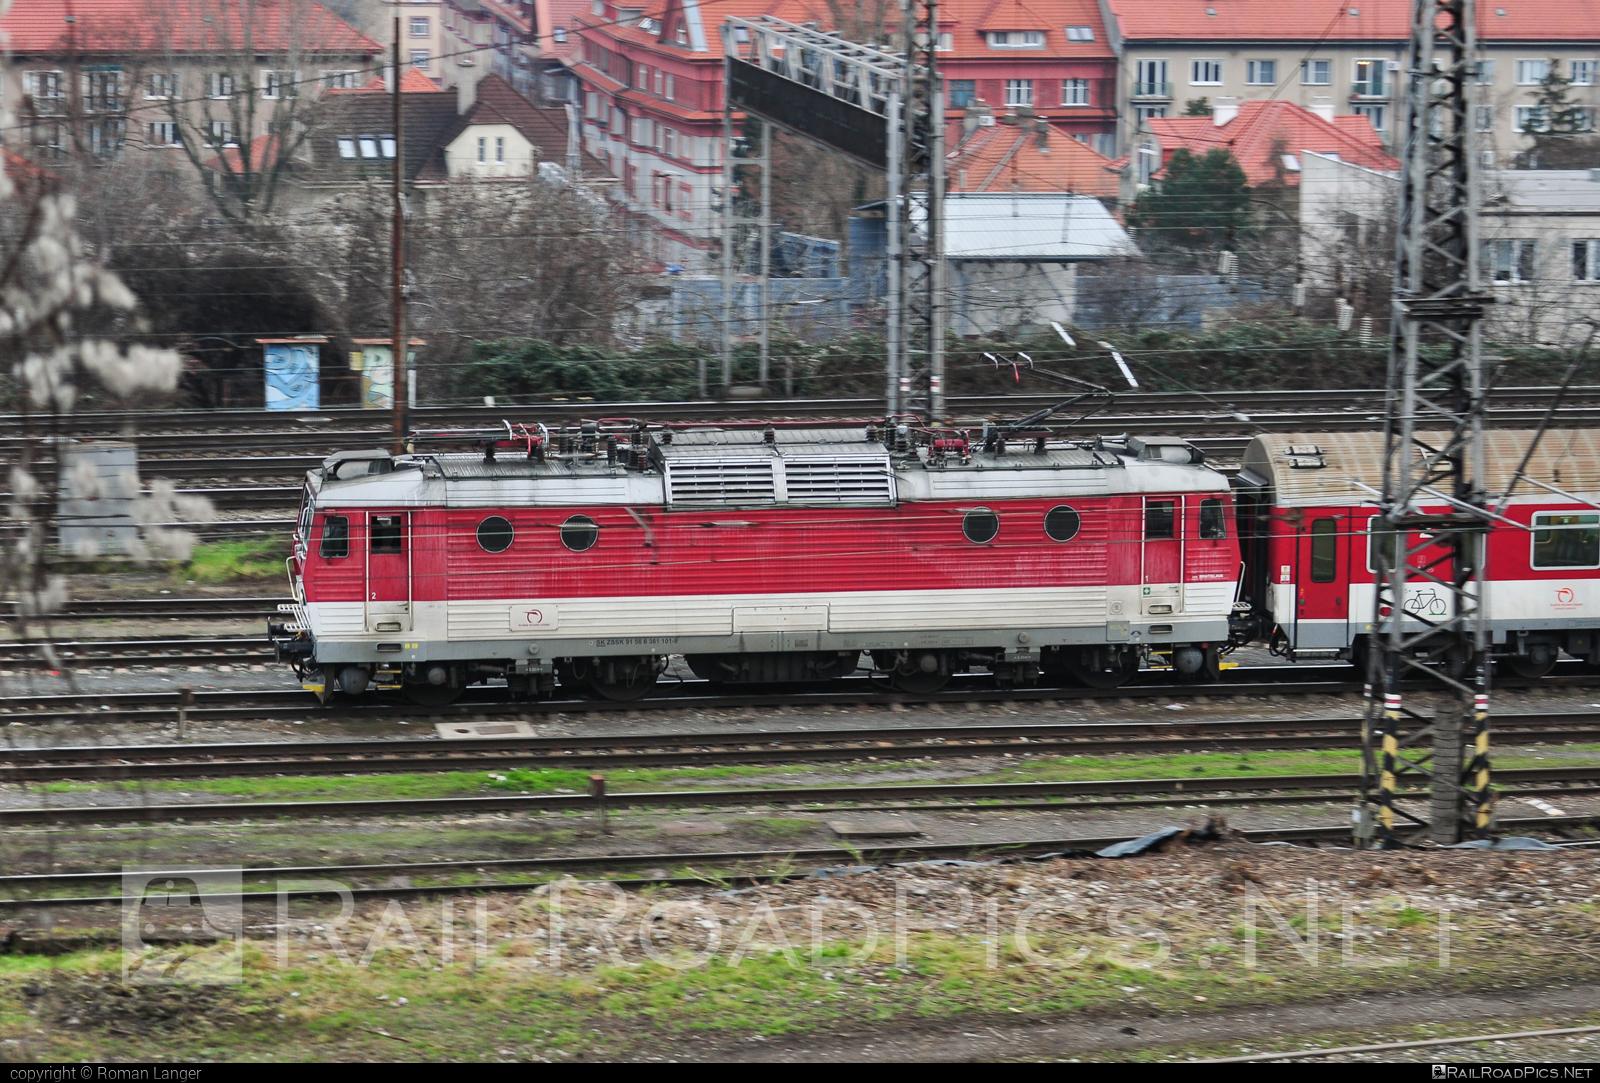 ŽOS Vrútky Class 361.1 - 361 101-9 operated by Železničná Spoločnost' Slovensko, a.s. #ZeleznicnaSpolocnostSlovensko #locomotive361 #locomotive3611 #zosvrutky #zssk